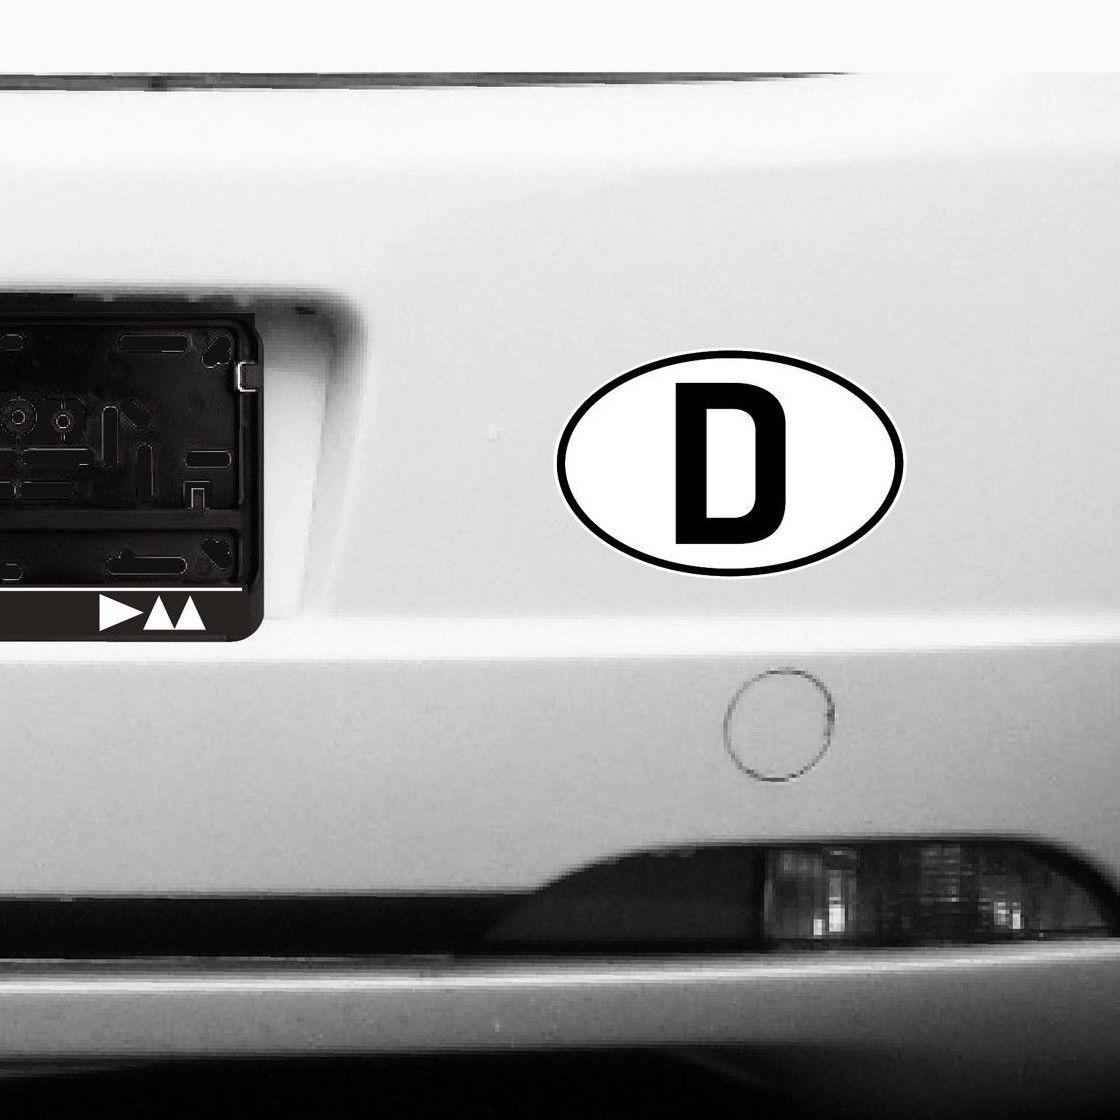 aufkleber sticker d deutschland brd auto l nderkennzeichen symbol schild zeichen kaufen bei. Black Bedroom Furniture Sets. Home Design Ideas